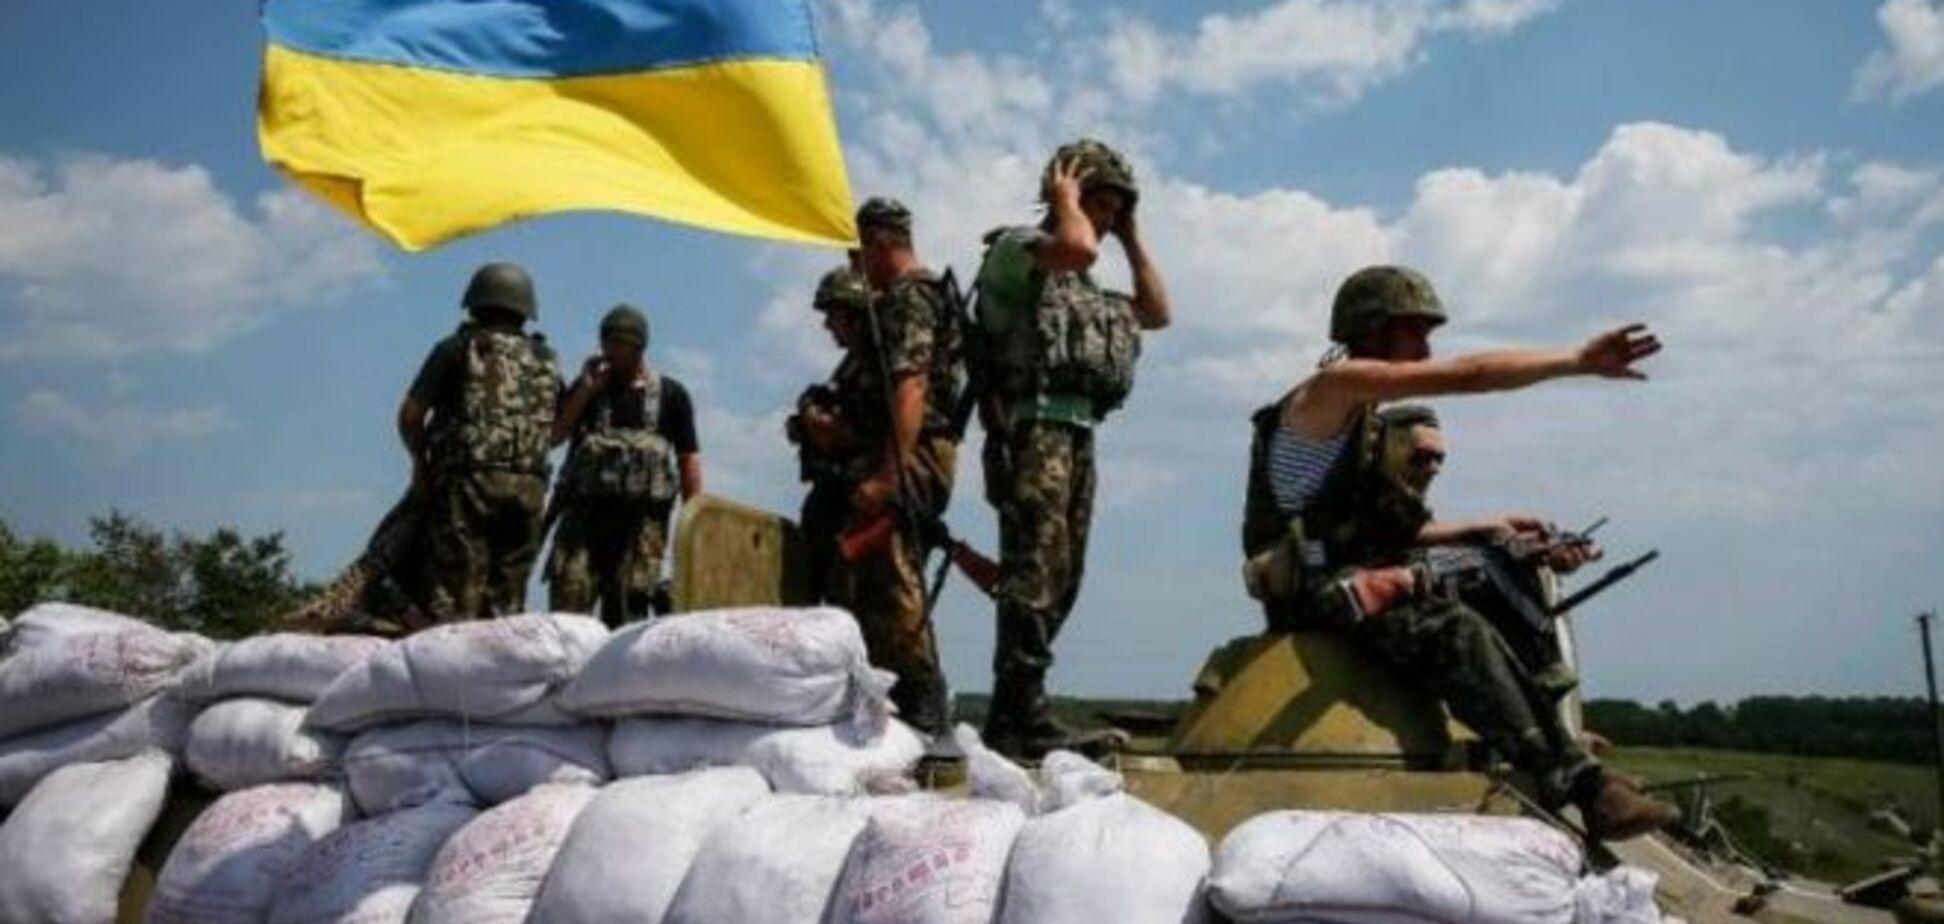 Бійці АТО вступили в бій з терористами на Луганщині: є втрати